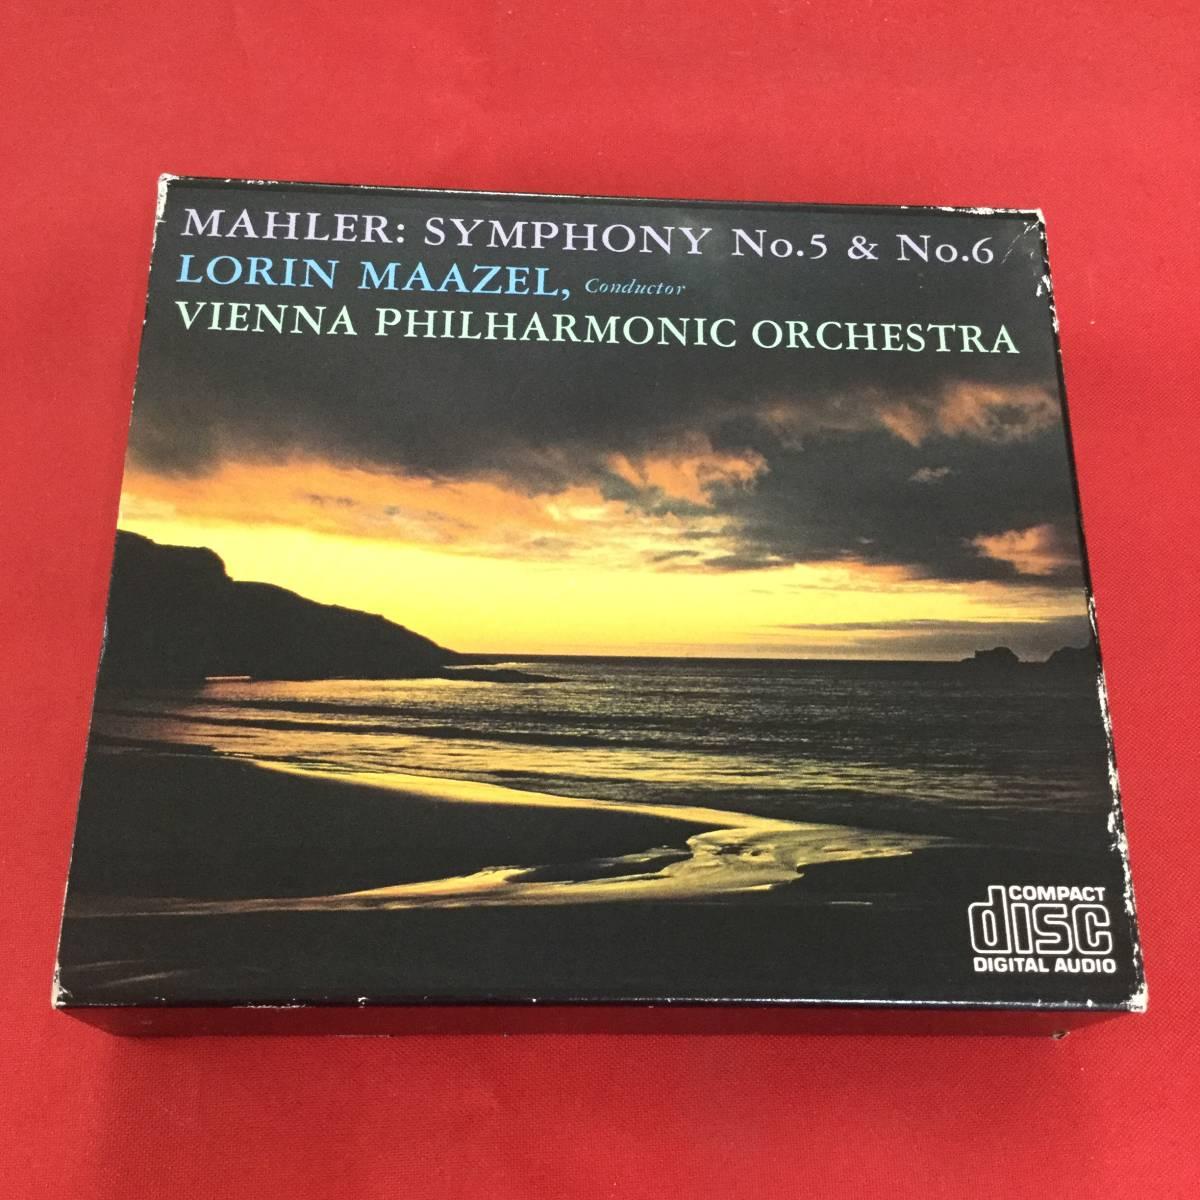 〇マゼール/マーラー、交響曲第5番&第6番/3CD、90DC 100~102_画像1